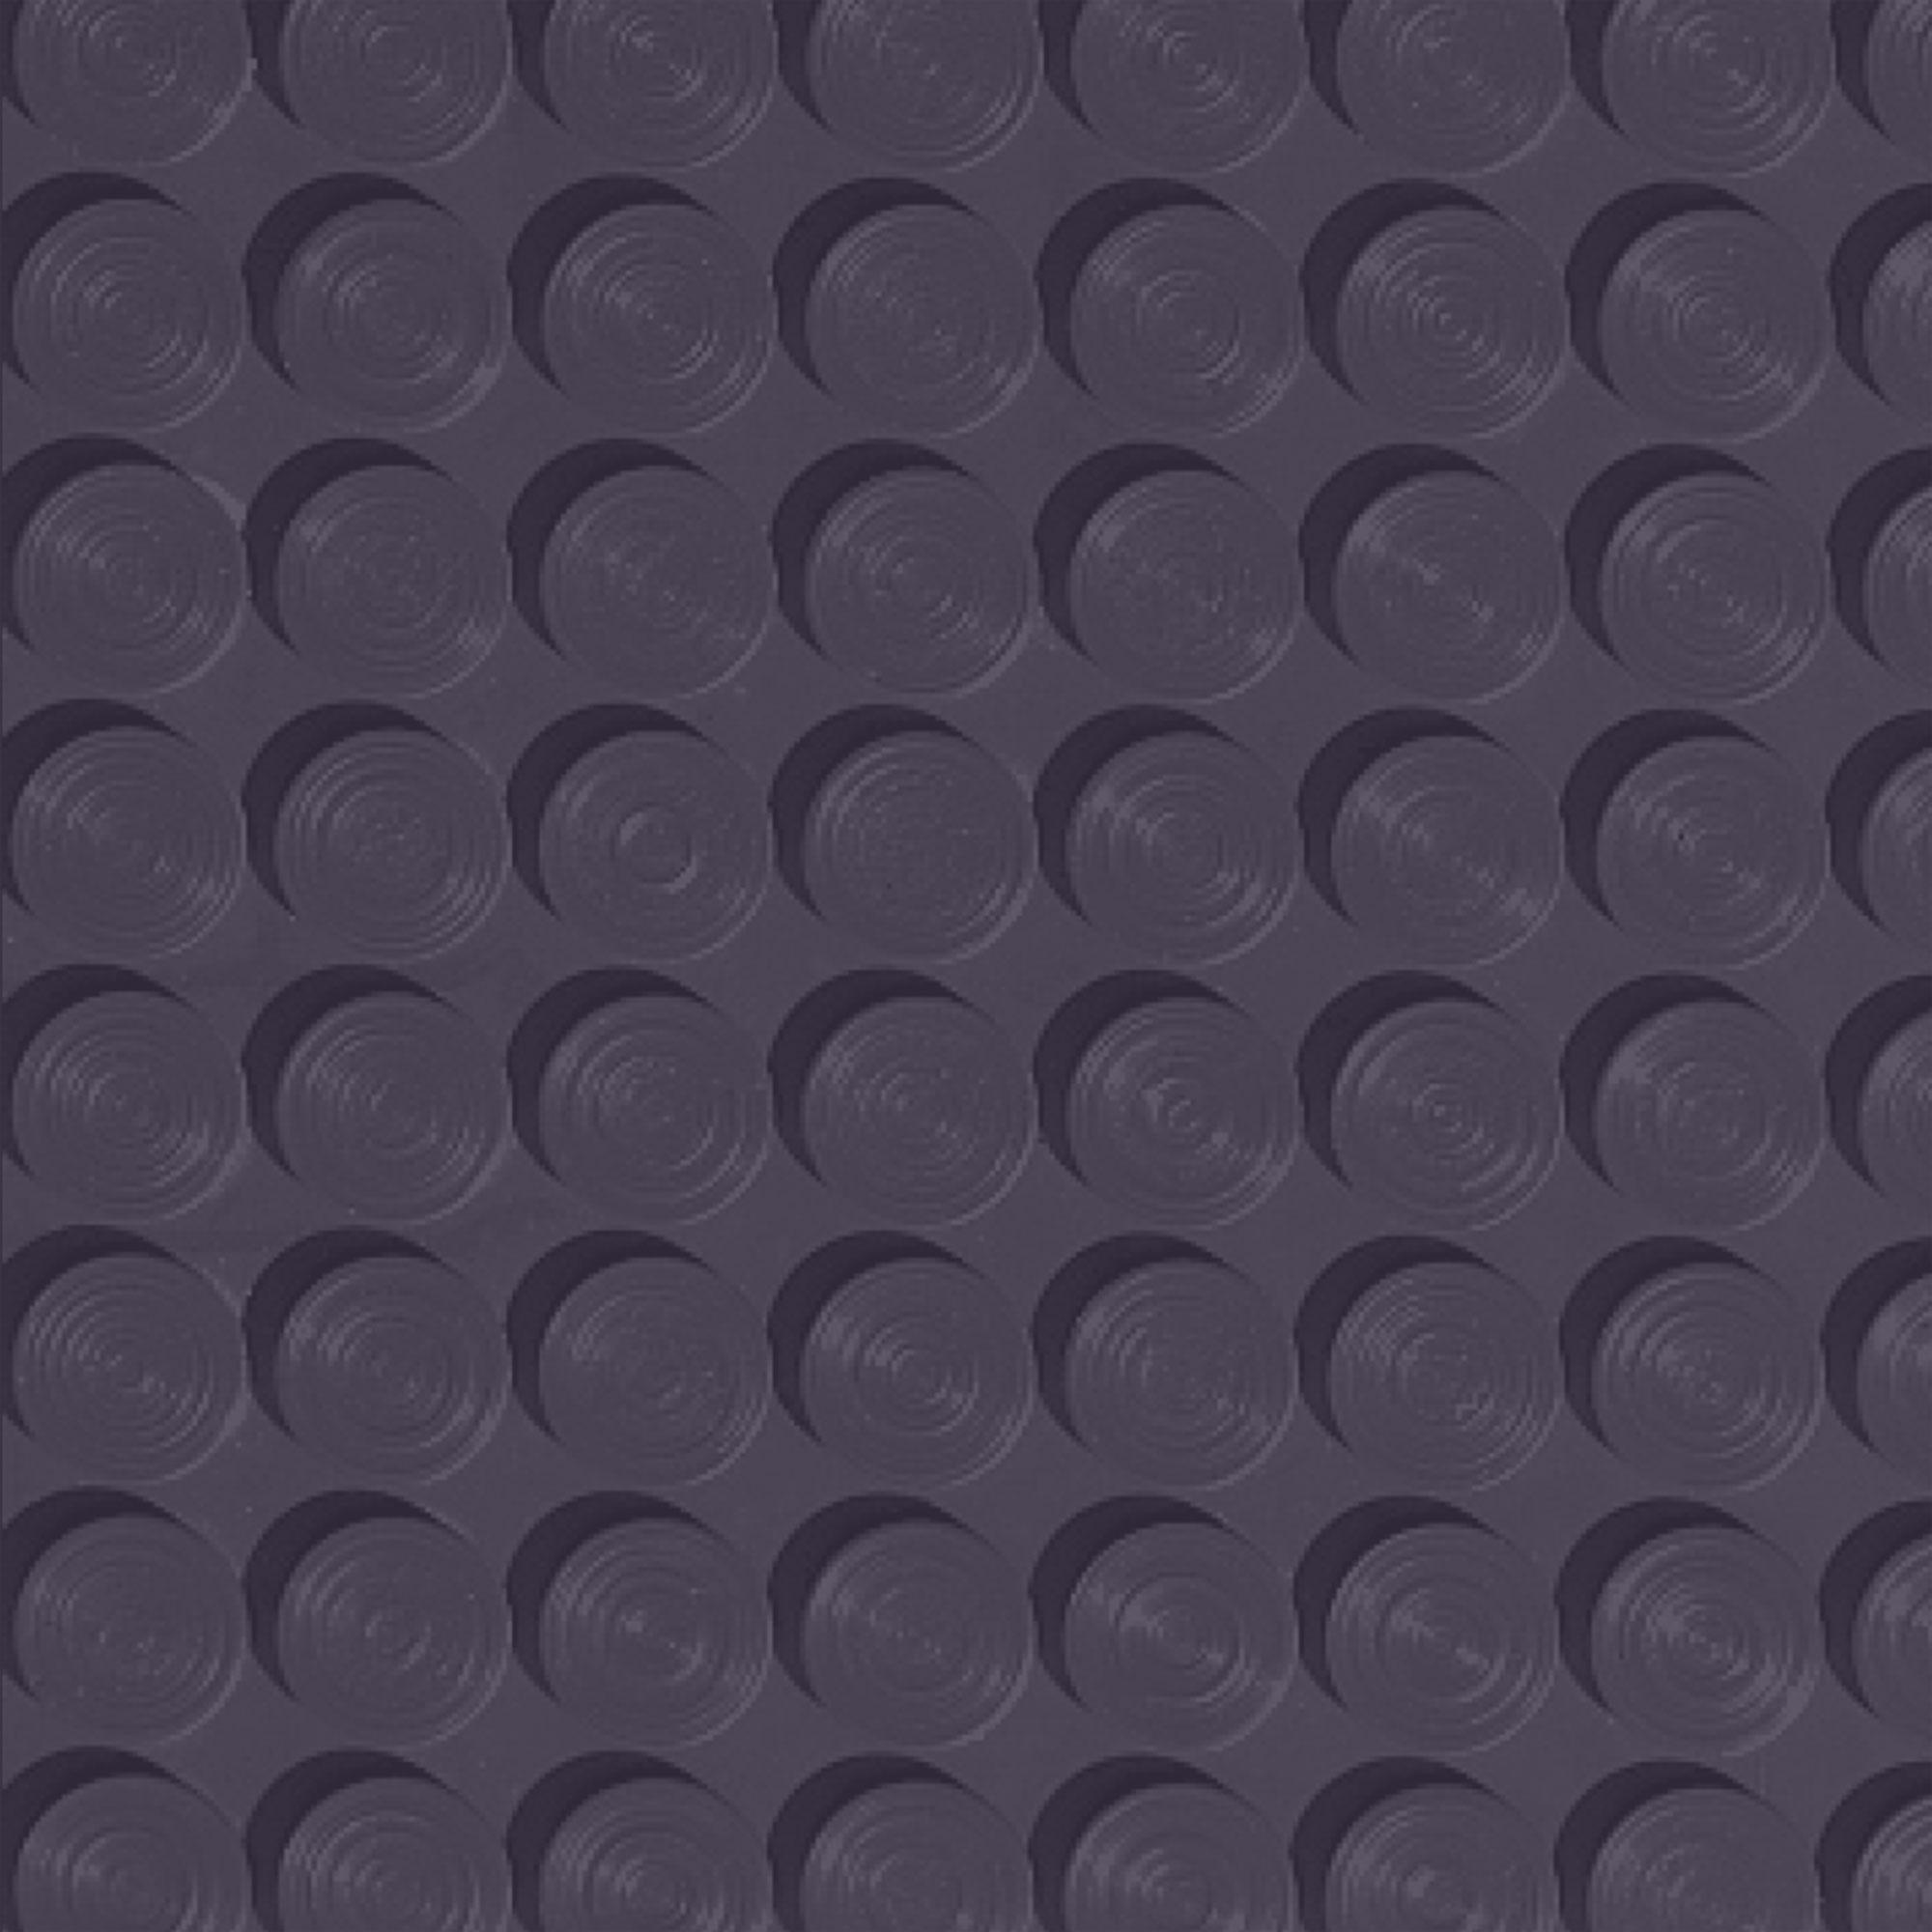 Roppe Rubber Tile 900 - Lug Back Vantage Design (LB996) Aubergine Rubber Flooring